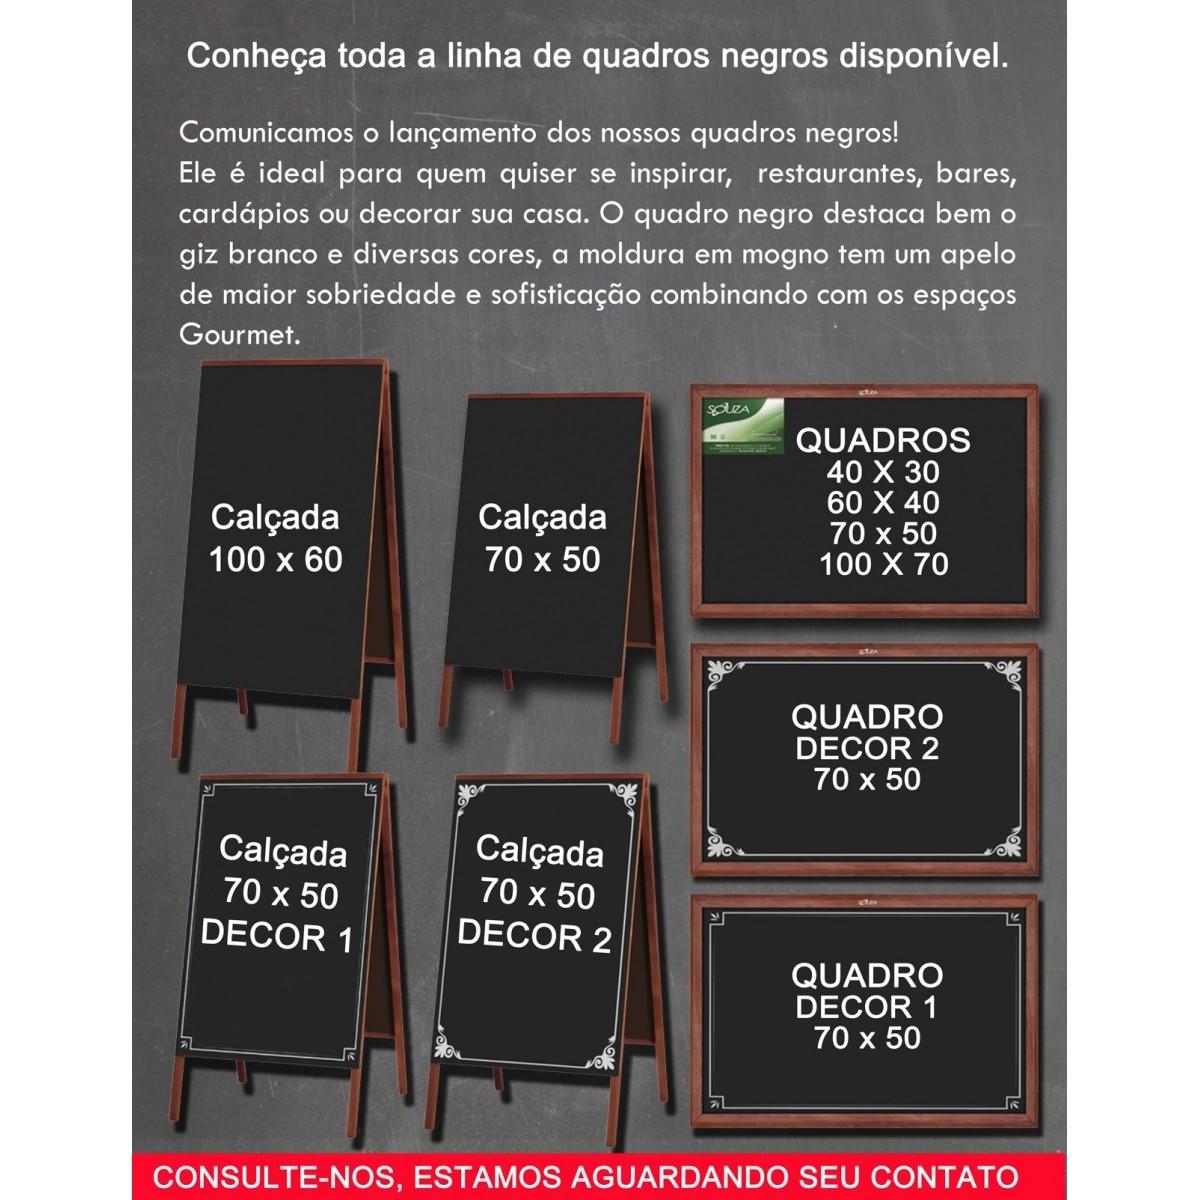 Quadro Negro Moldura Madeira Cor MOGNO 100 X 70 cm Referência 2104